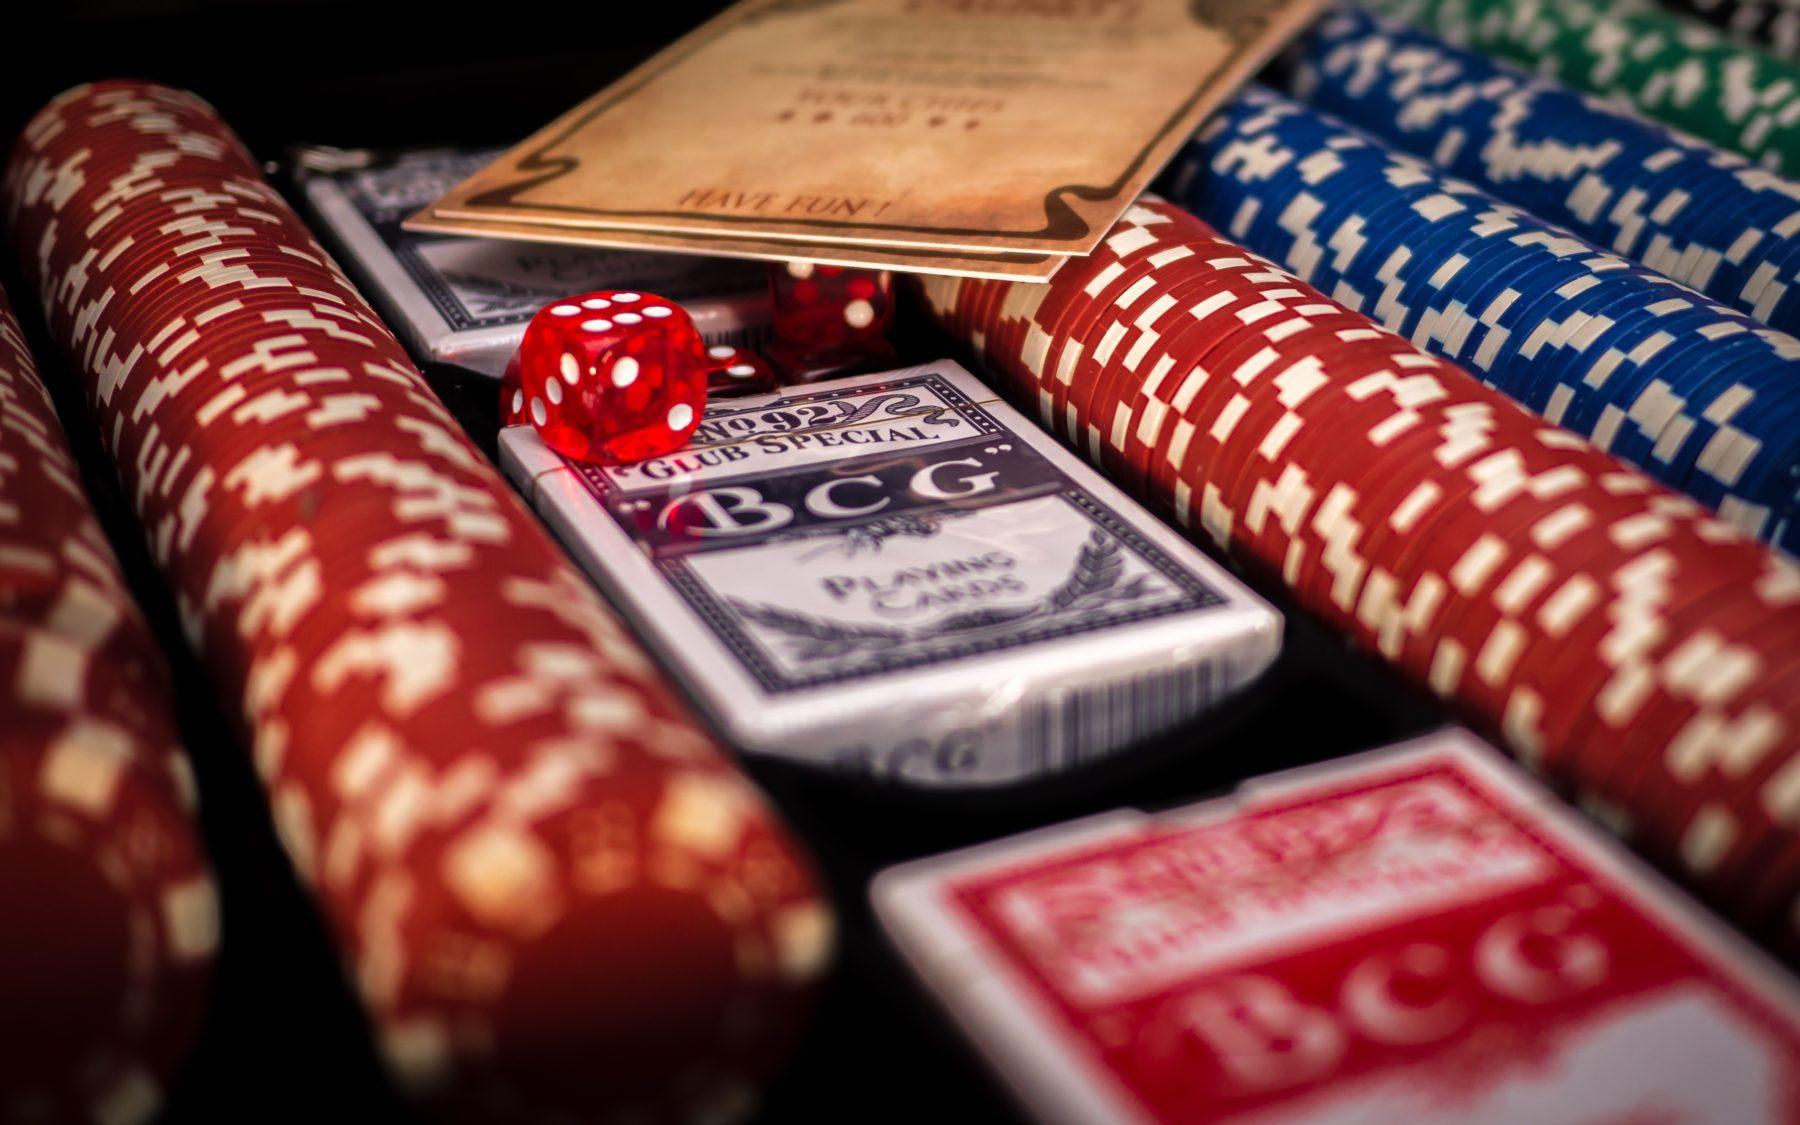 food-red-black-casino-gambling-games-1223367-pxhere.com